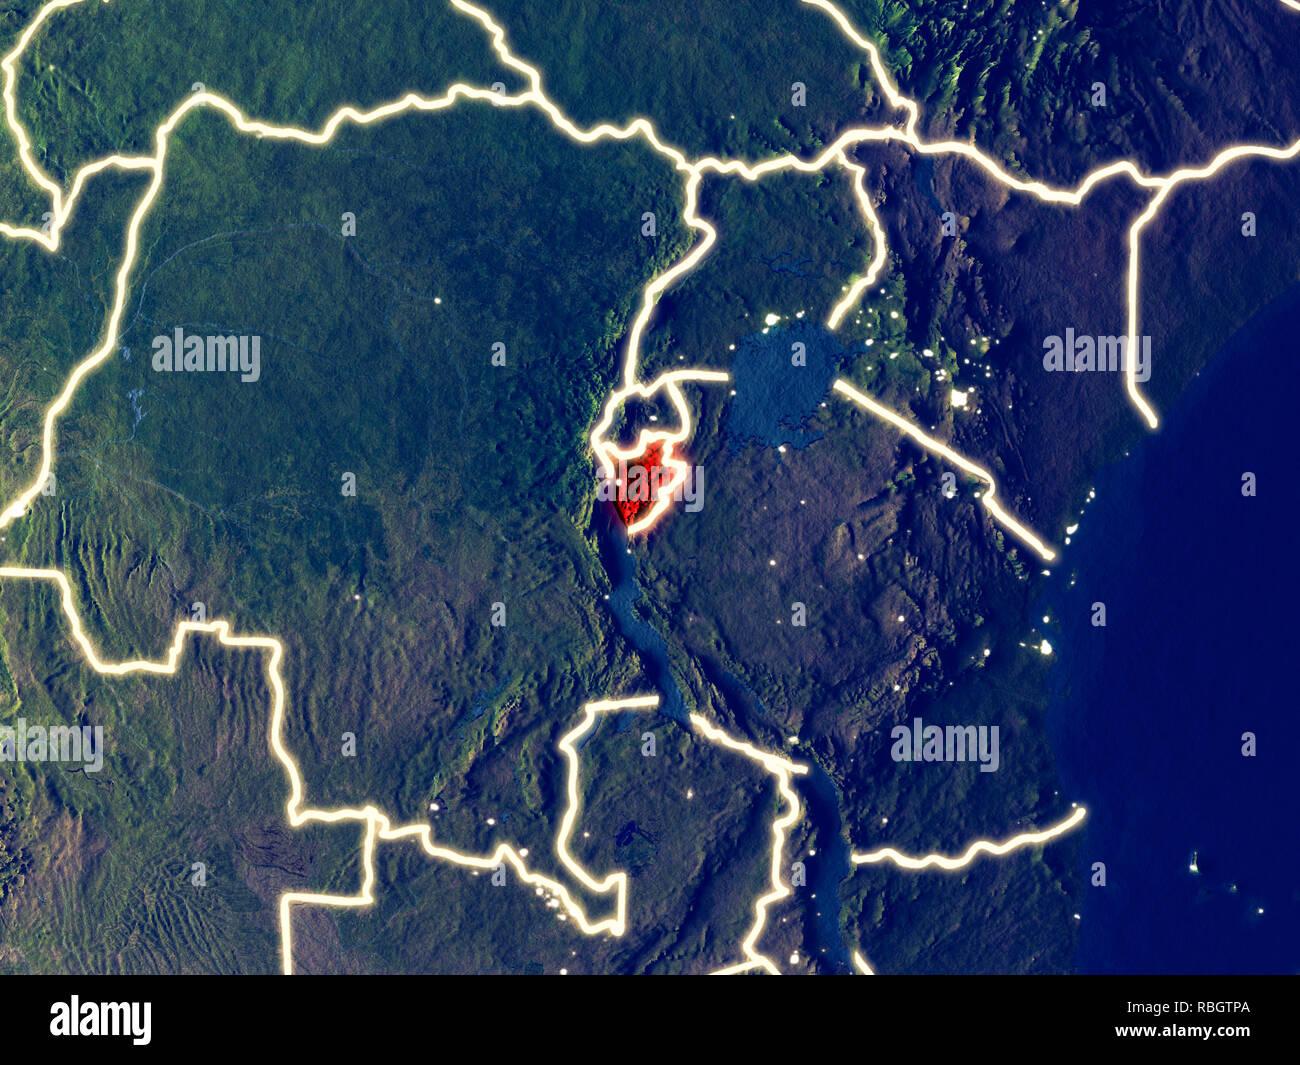 Burundi Aus Dem Weltraum Auf Die Erde Bei Nacht Sehr Feine Details